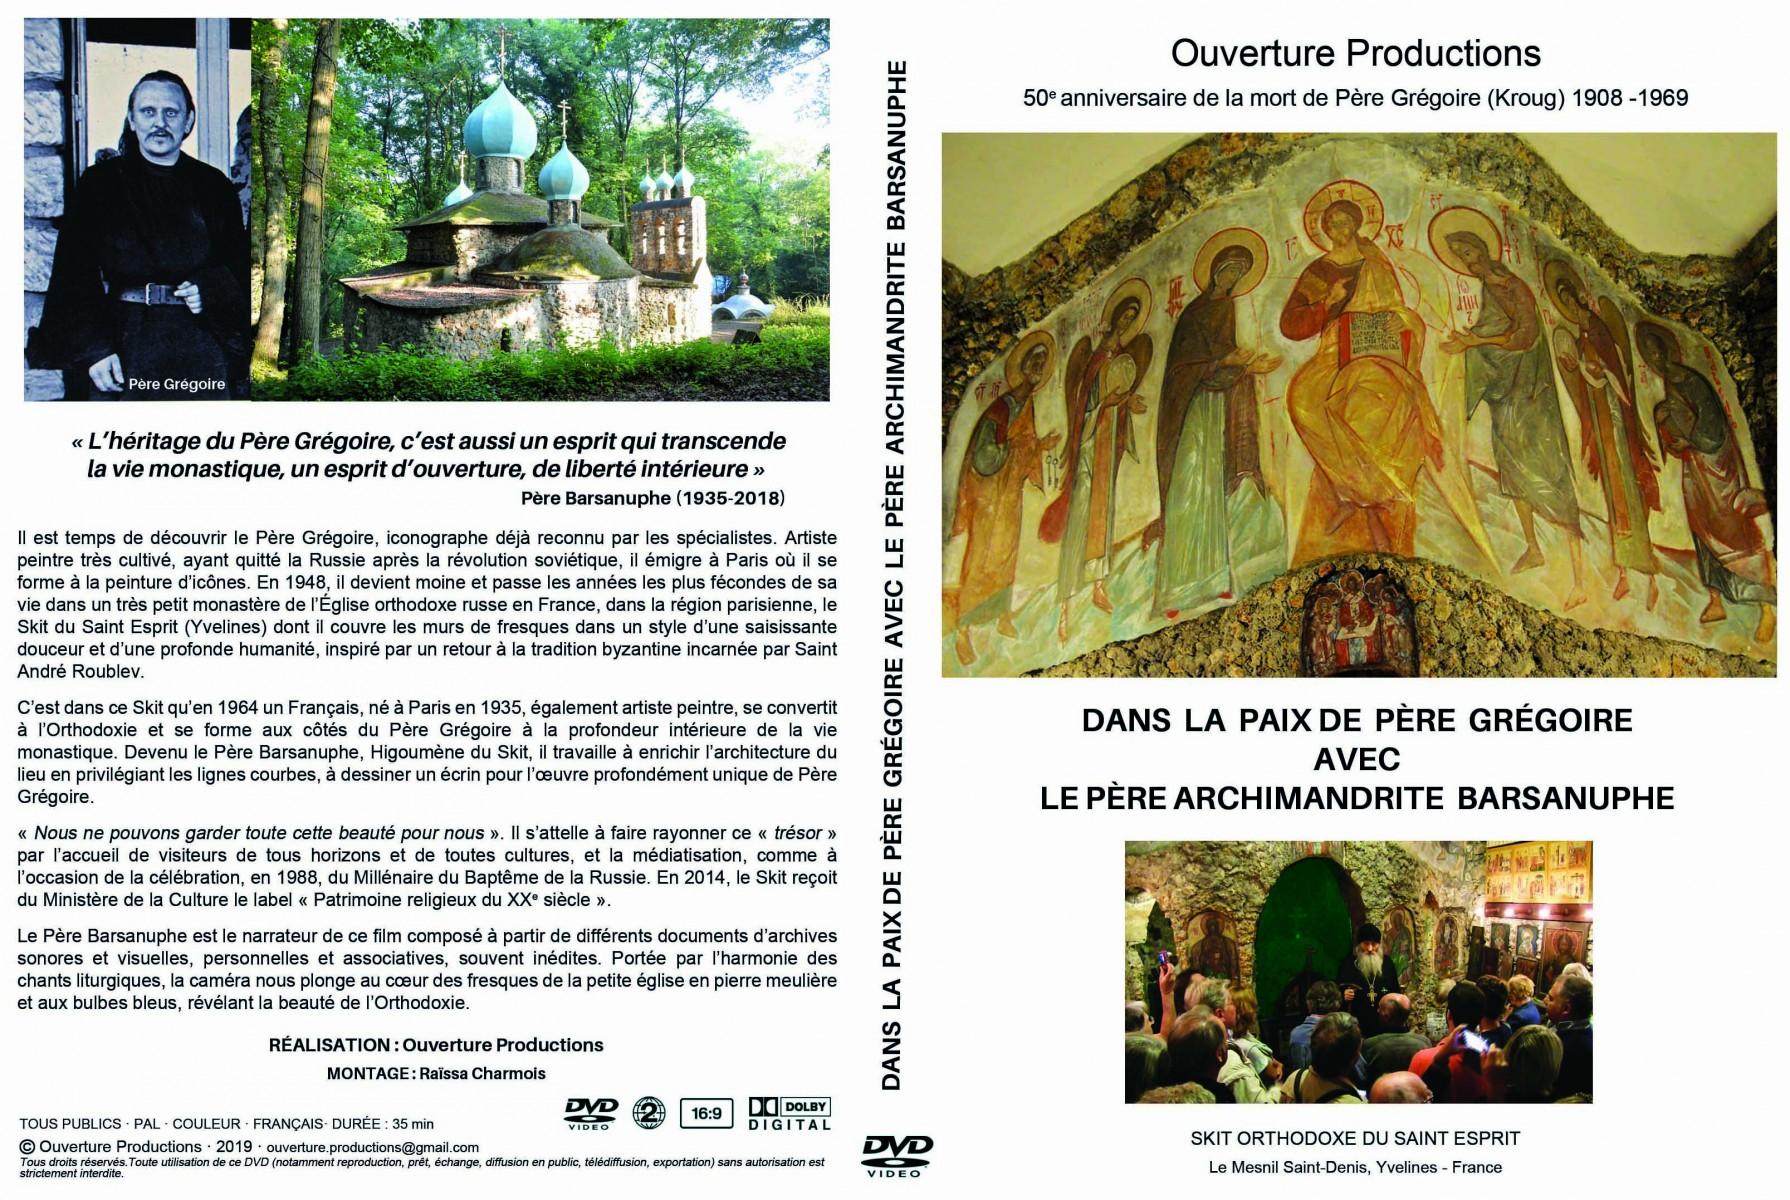 Jaquette-DVD_-Dans-la-paix-de-Père-Gregoire-avec-Père-Archimandrite-Barsanuphe